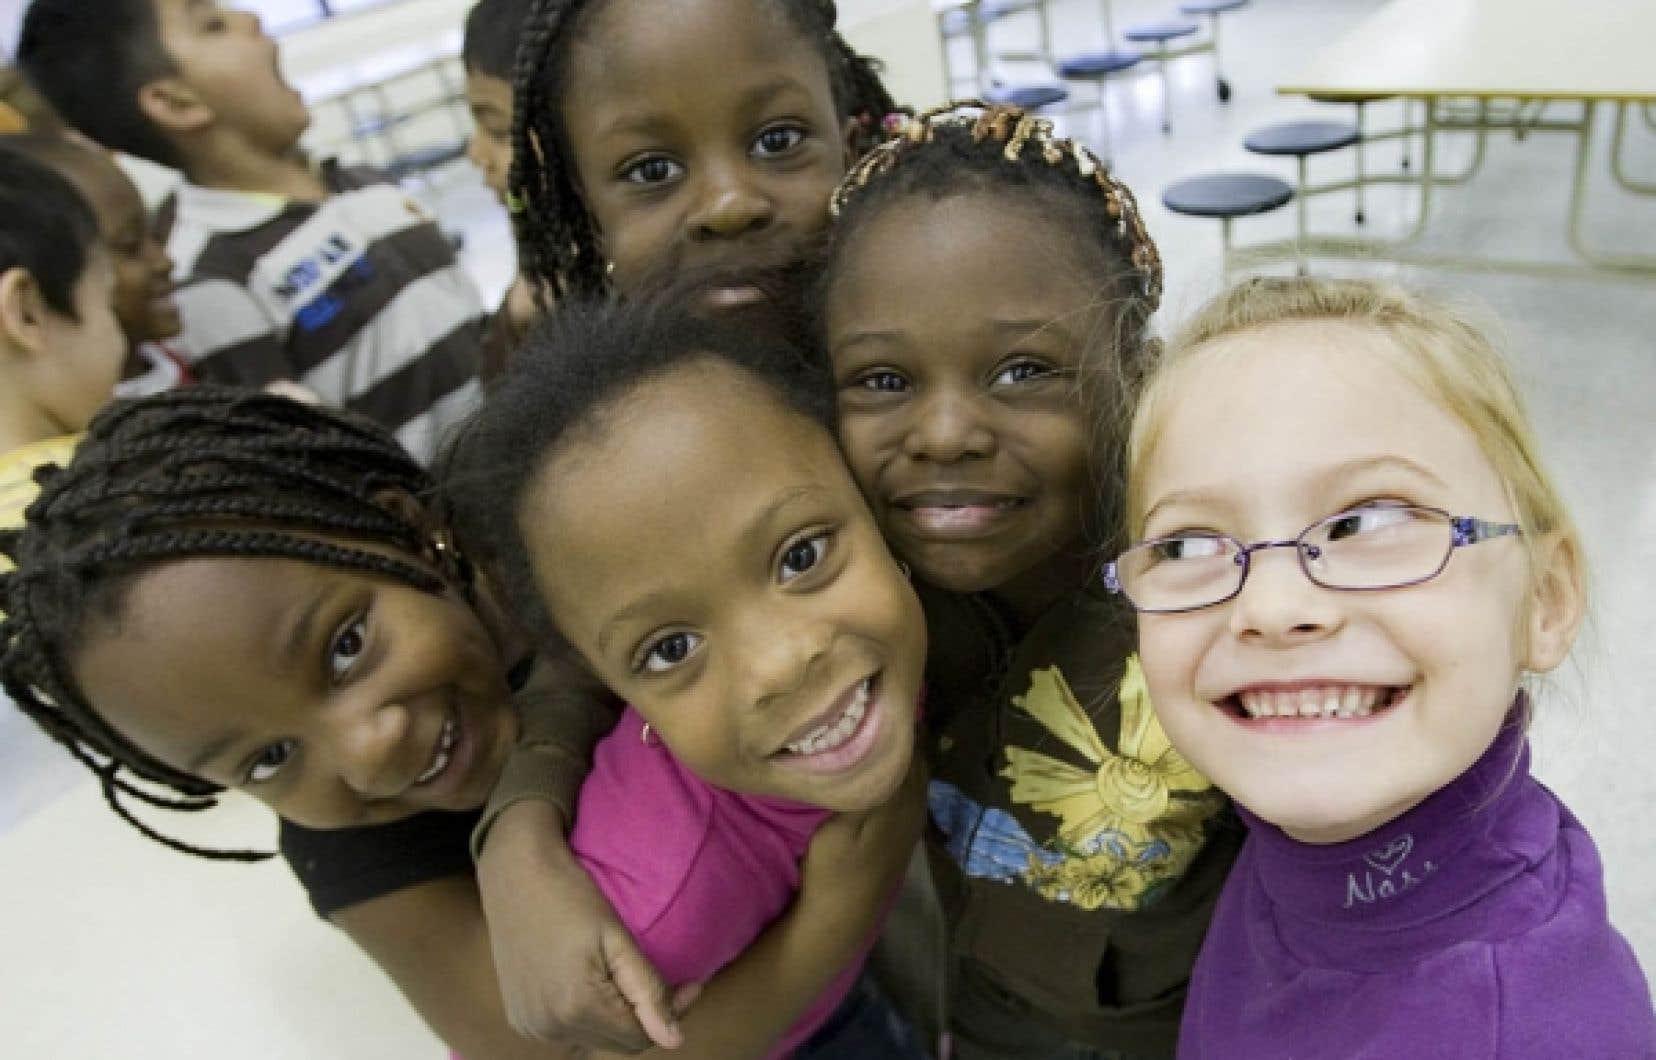 Seulement 18% des écoliers du primaires de la CSDM bénéficient de l'aide alimentaire, alors que 48% d'entre eux y seraient admissibles.<br />